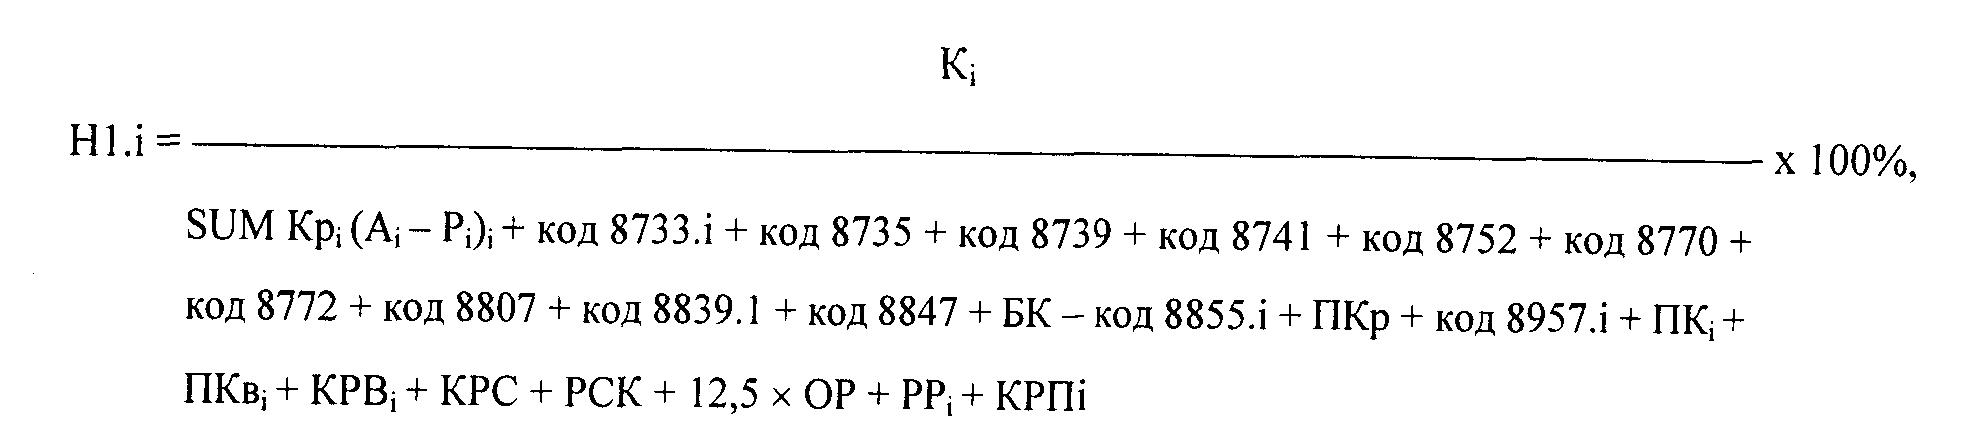 Инструкция цб рф от 12 апреля 2001 года 2 п